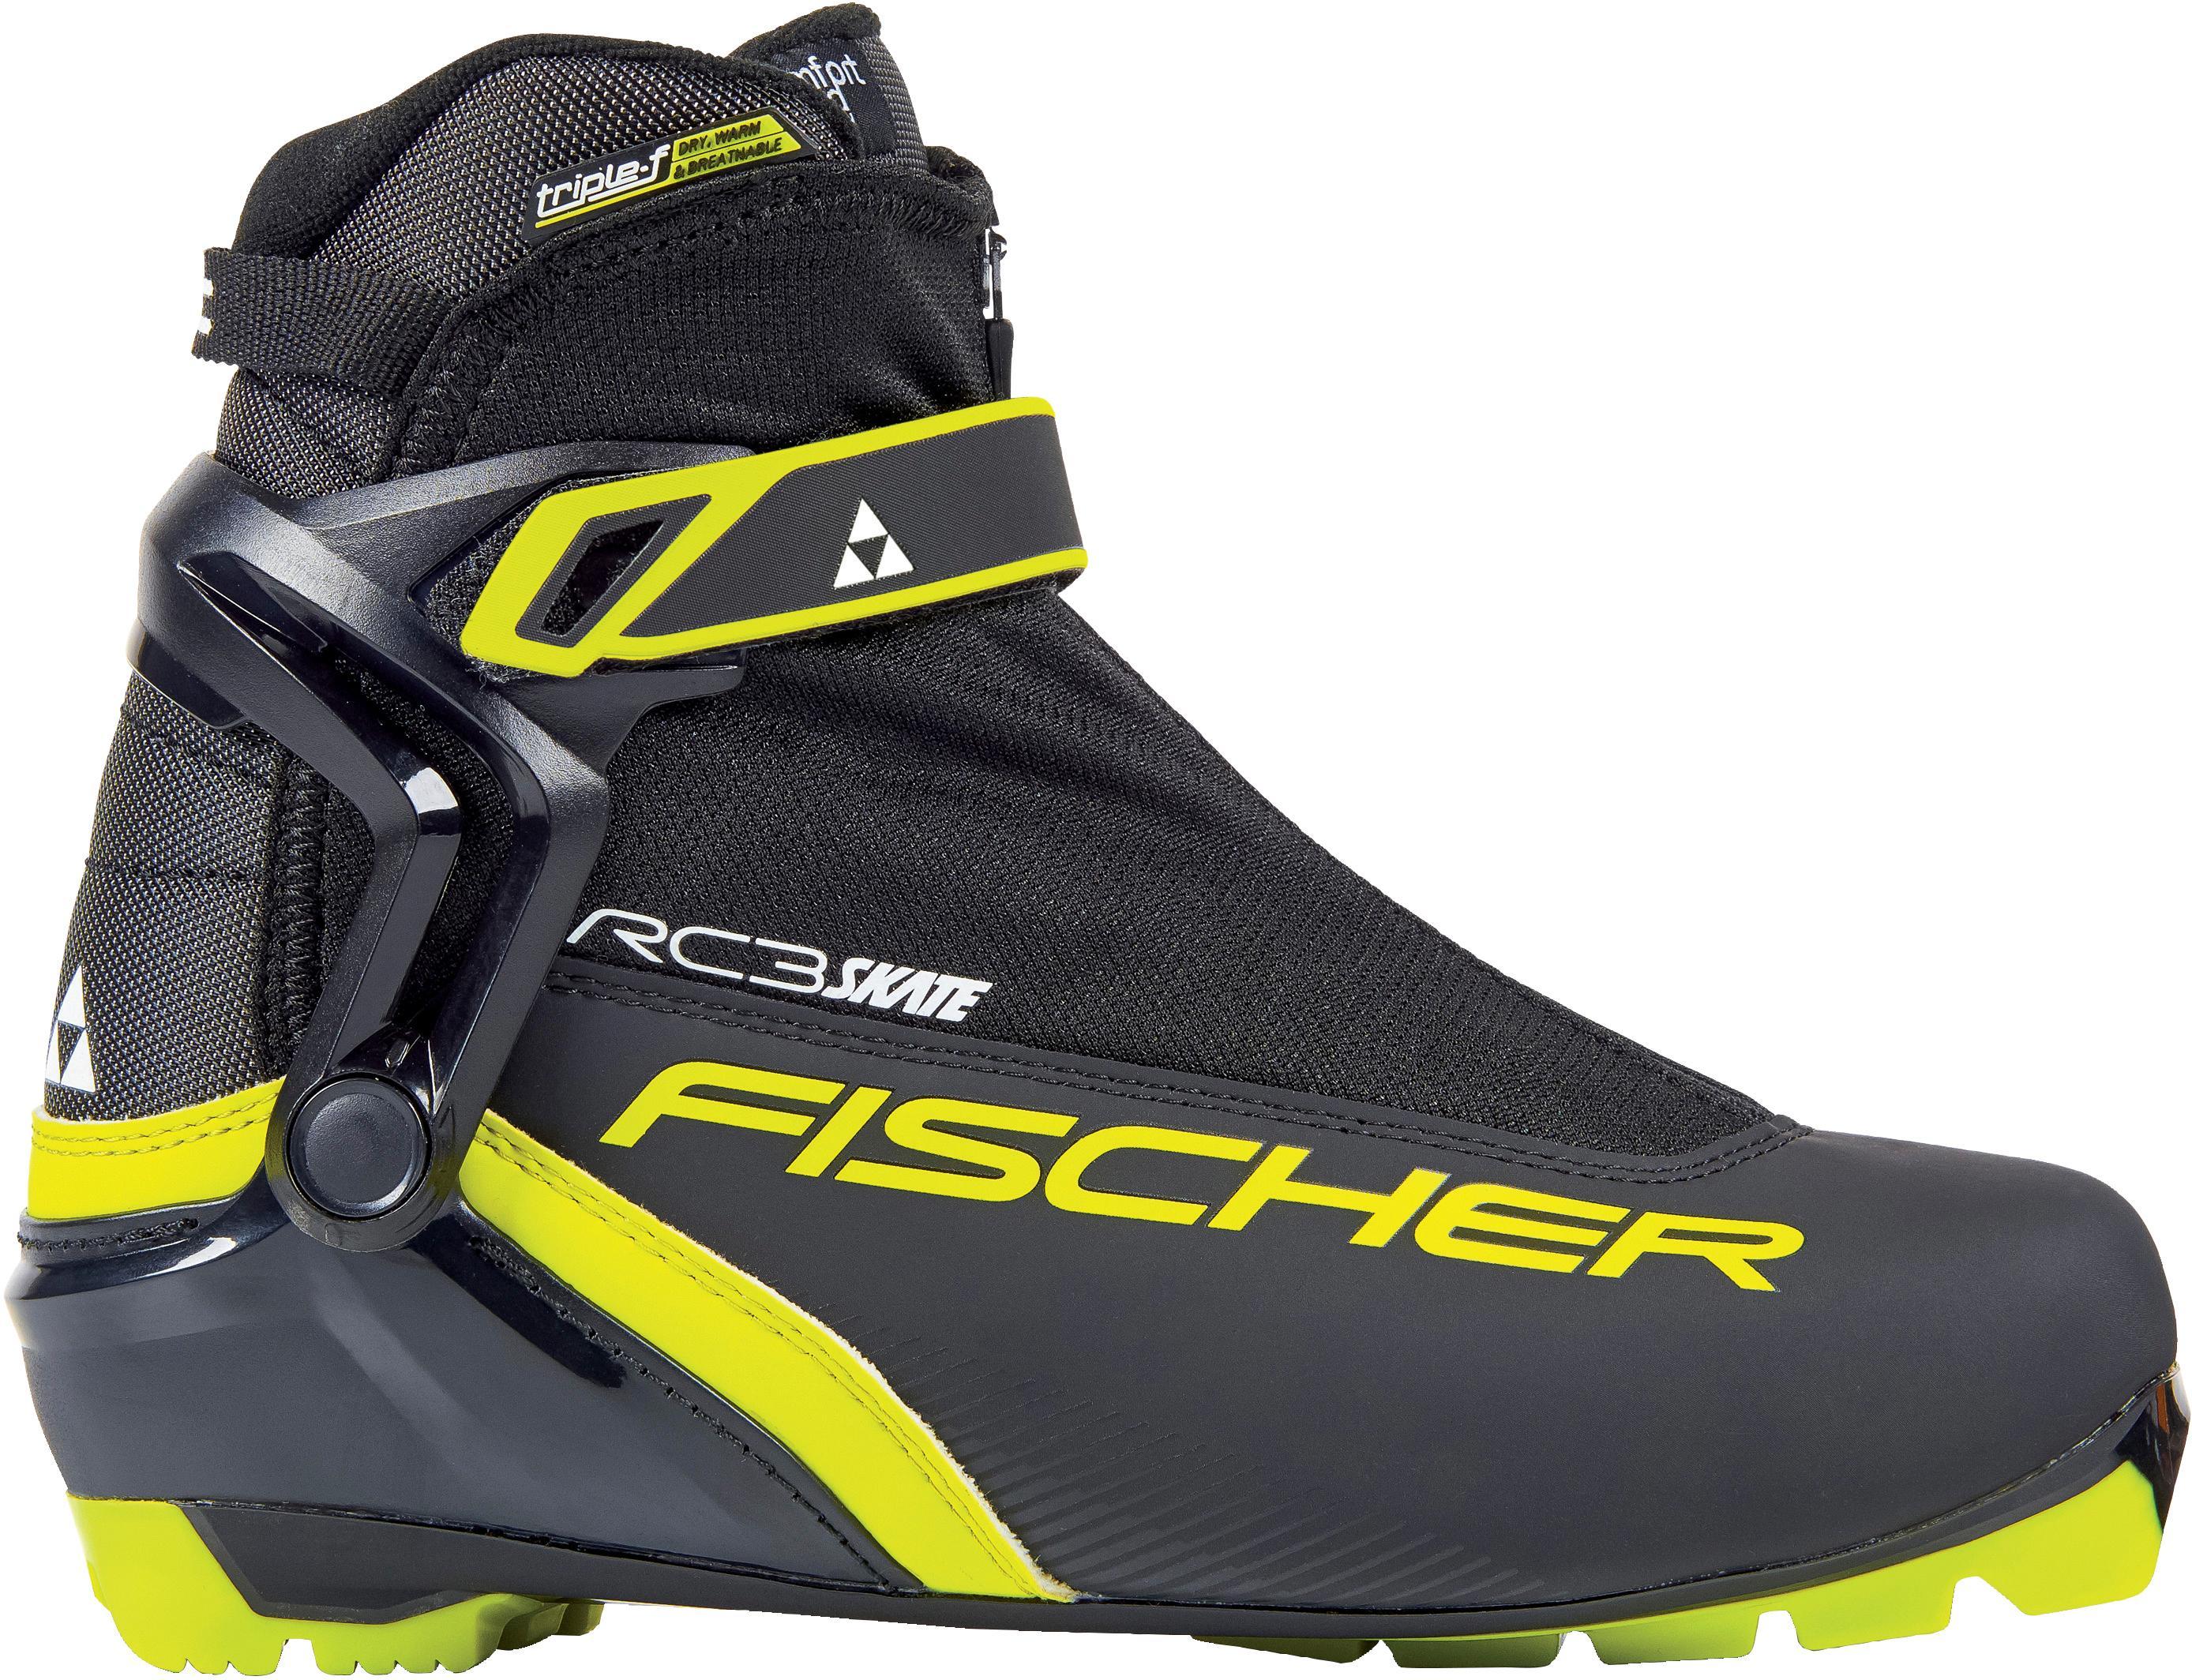 Fischer RC3 SKATE Langlaufschuhe Schwarz Gelb im Online Shop von SportScheck kaufen Gute Qualität beliebte Schuhe